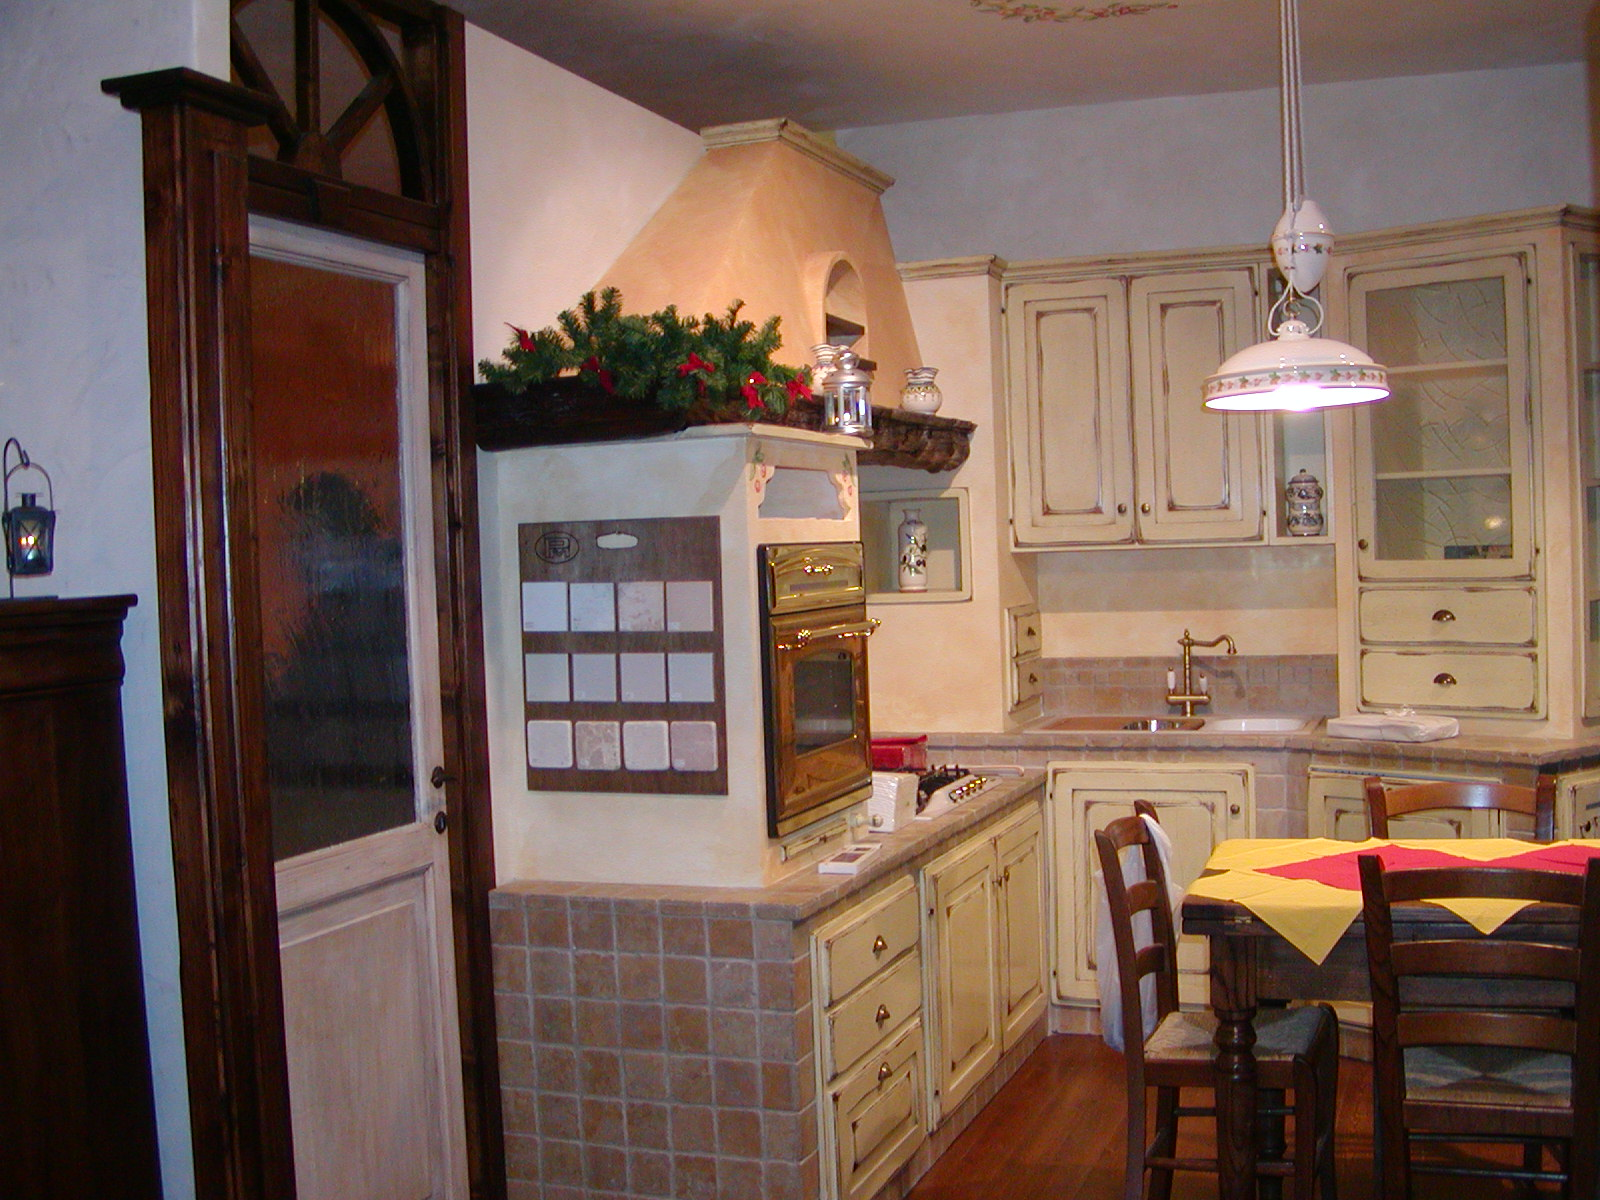 Cucine in finta muratura falegnameria cirigliano - Cucine in muratura genova ...